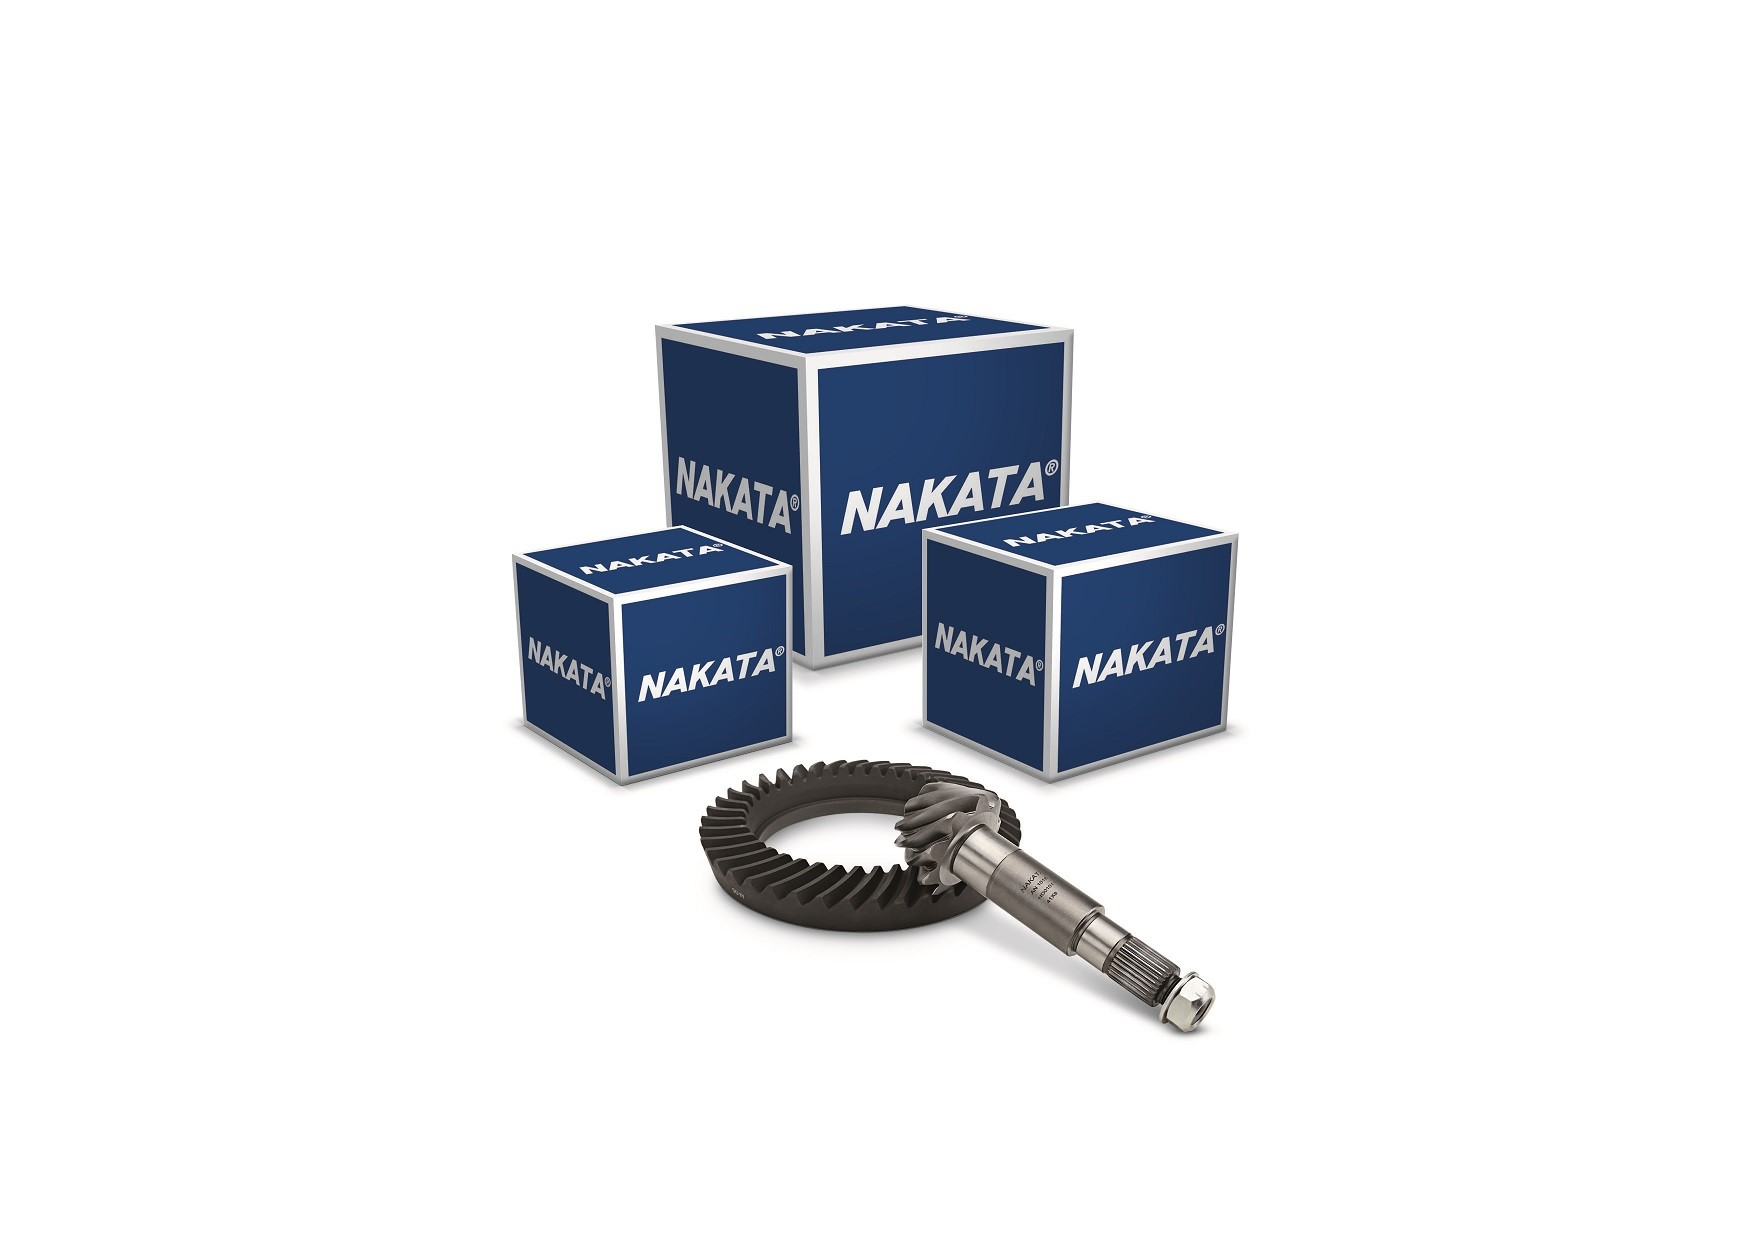 Nakata amplia linha de conjunto coroa e pinhão para caminhões de até 26 toneladas